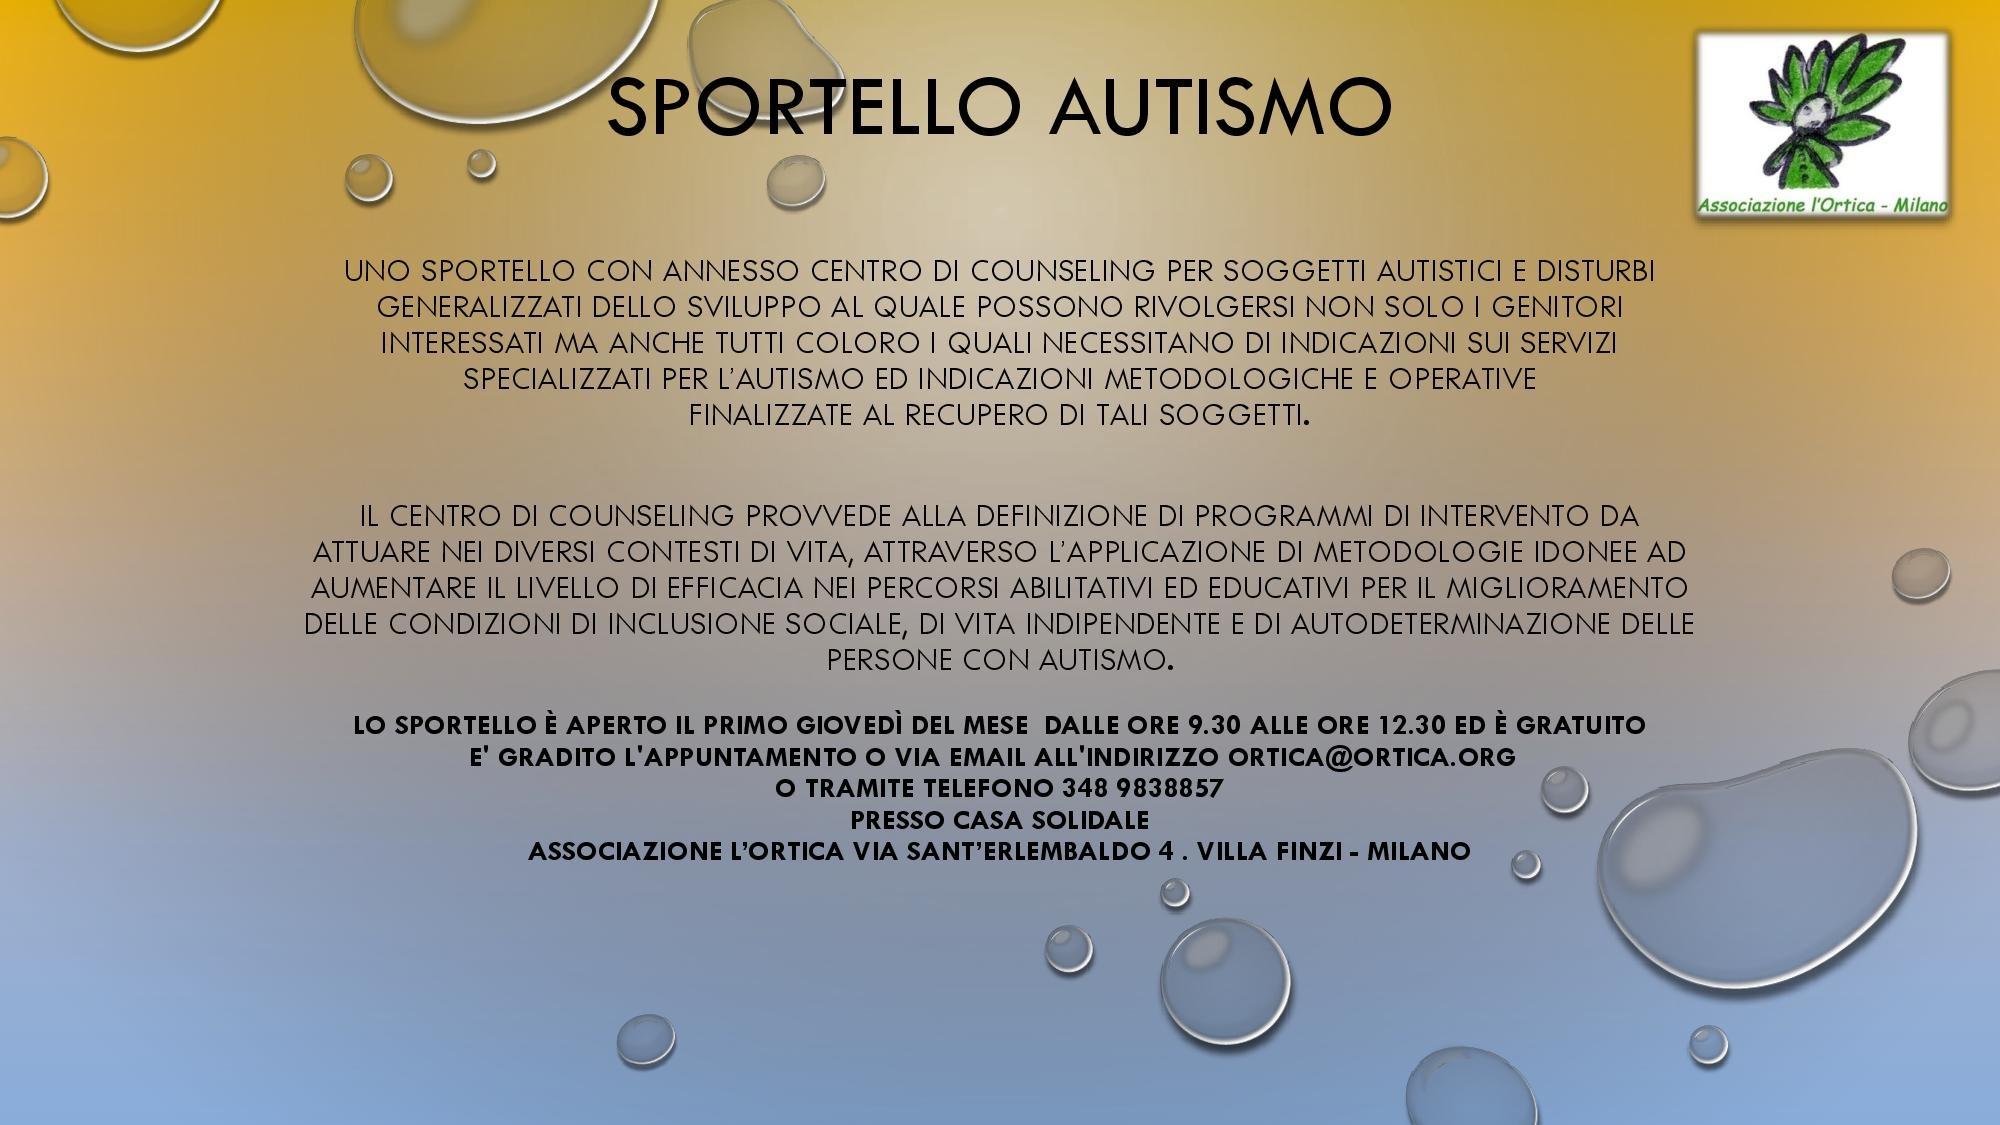 sportello-autismo-page-001-1